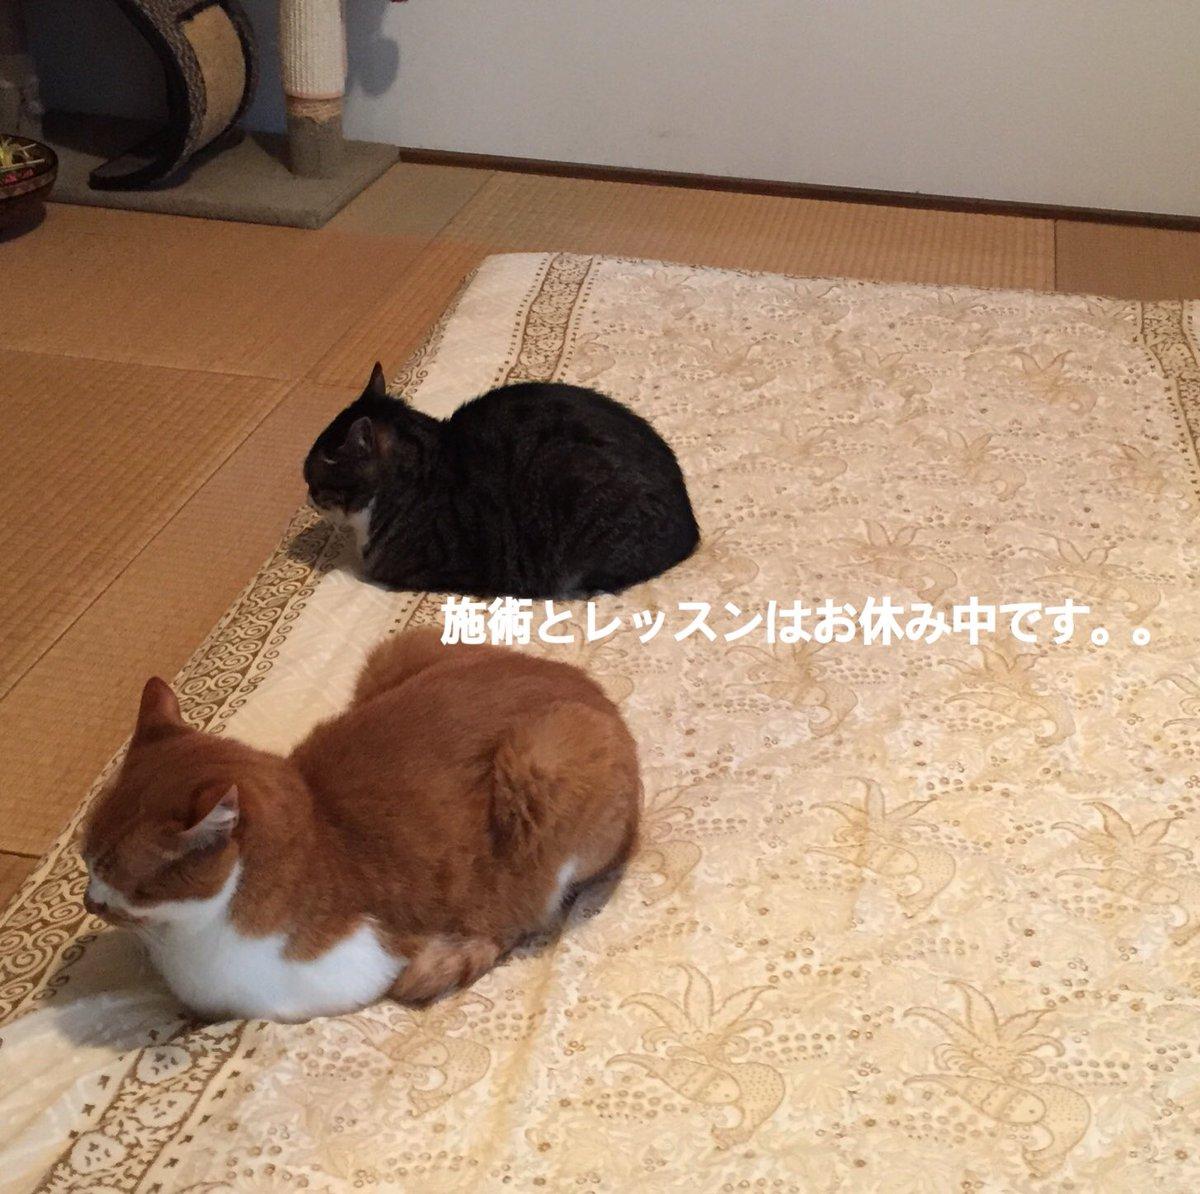 【お知らせ】  お知らせが遅くなりましたが、栃木県にも緊急事態宣言が出たこともあり、現在は、施術&レッスン共にお休みをさせていただいておりますm(_ _)m  お問い合わせやご予約の連絡もいただきありがとうございます。そして今頃のお知らせ申し訳ございません。。 https://t.co/DWhUCpr6aM